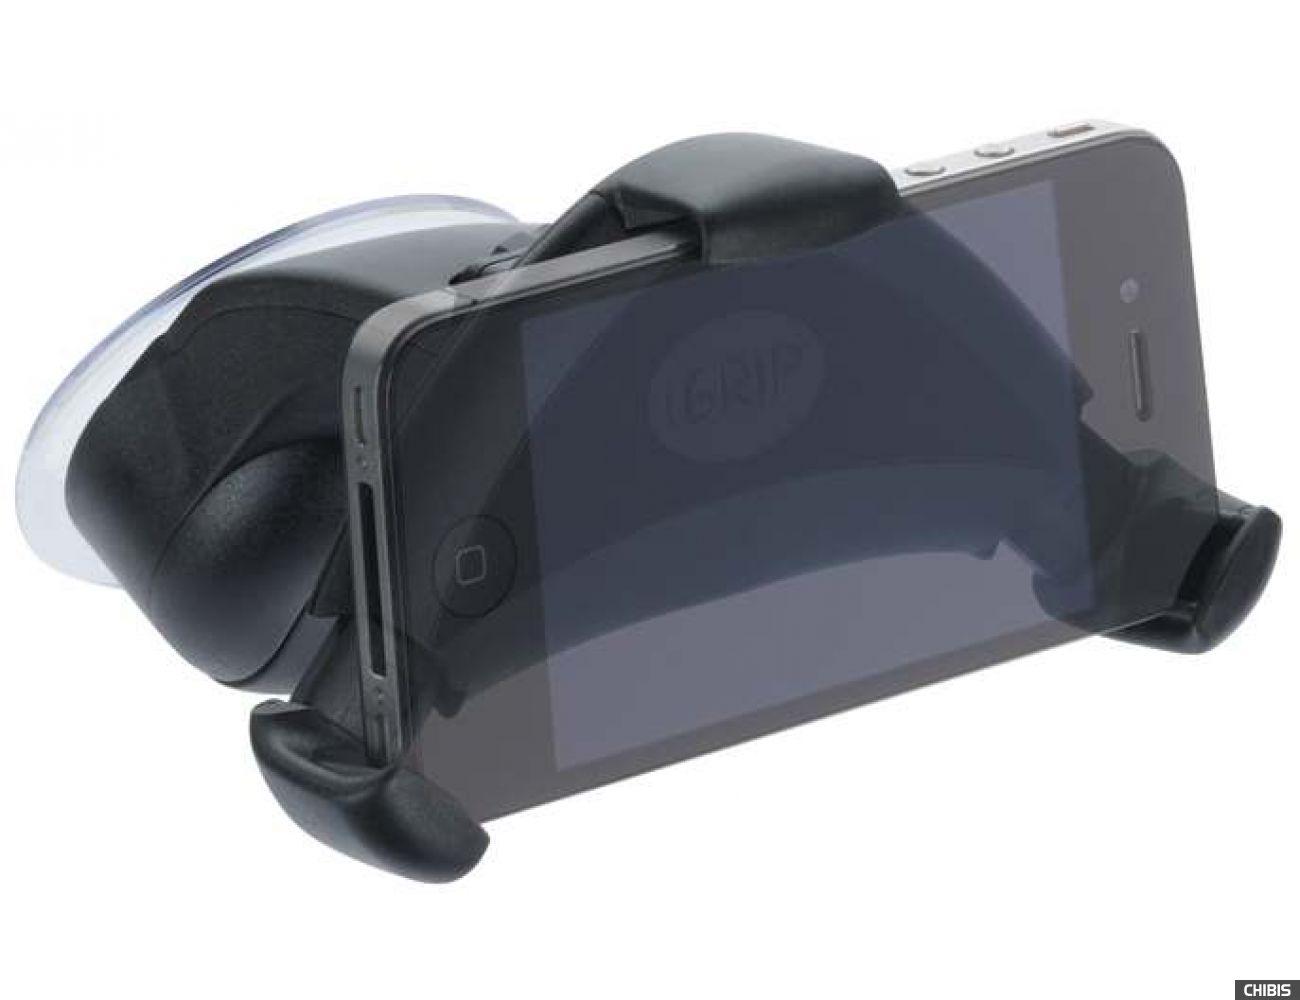 Автодержатель на торпедо iGrip Smart Grip'R Kit (T5-19105) для смартфонов